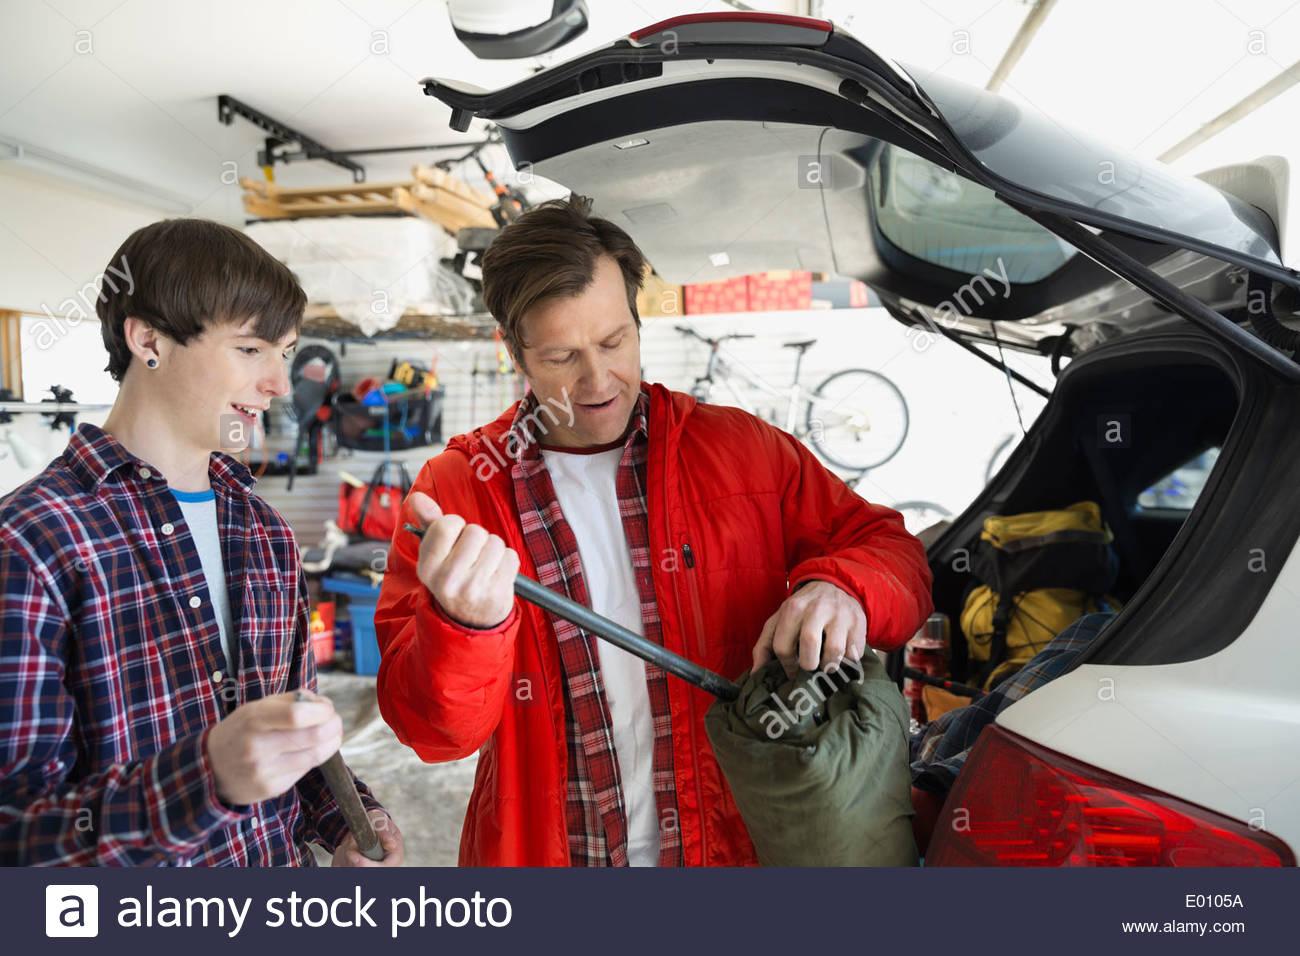 Père et fils le chargement d'équipement de camping en location Banque D'Images